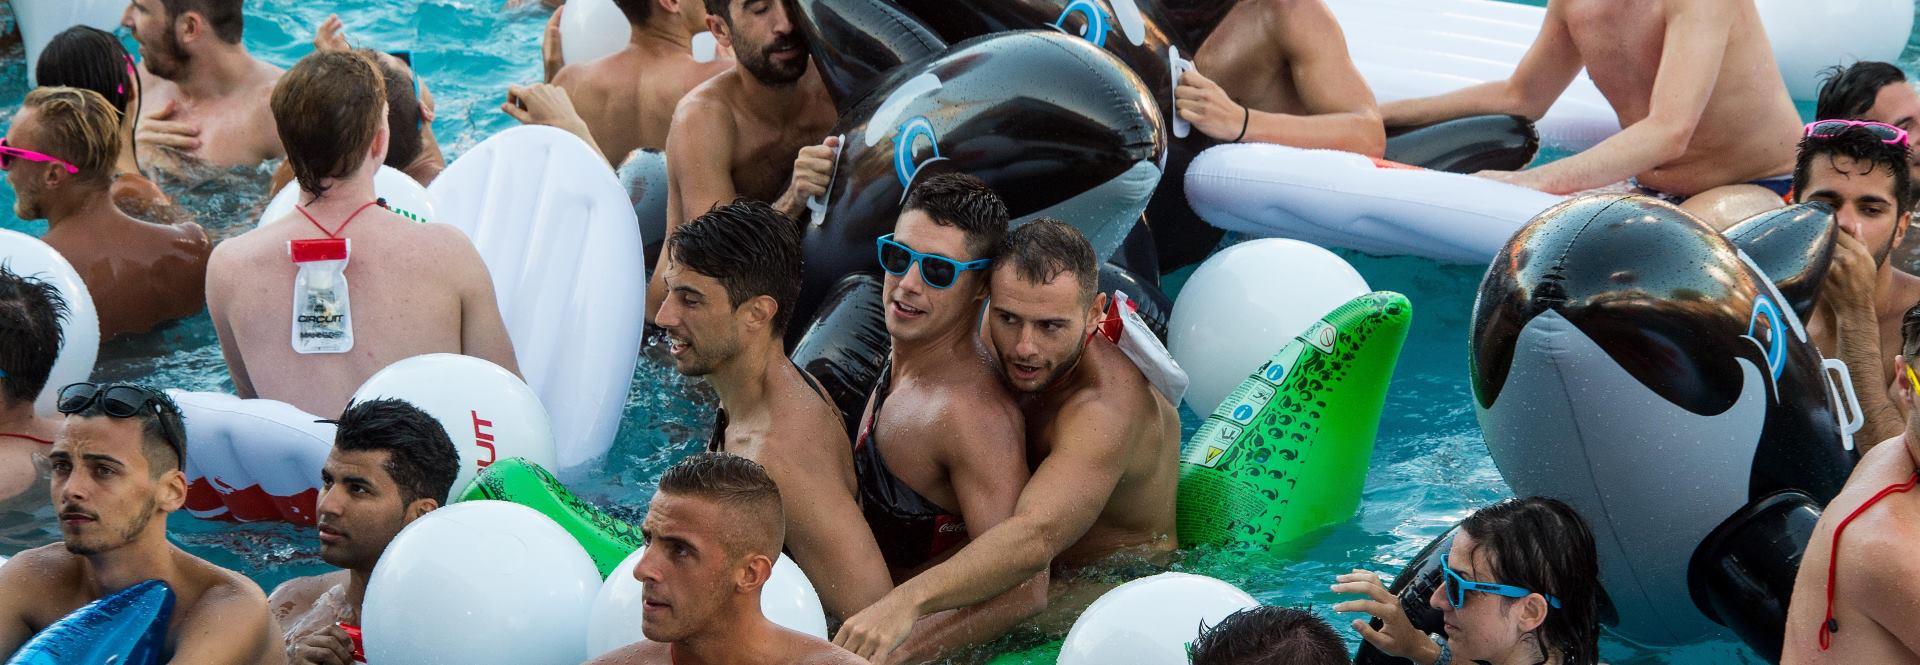 FOTO: Traje najveći LGBT festival u Europi